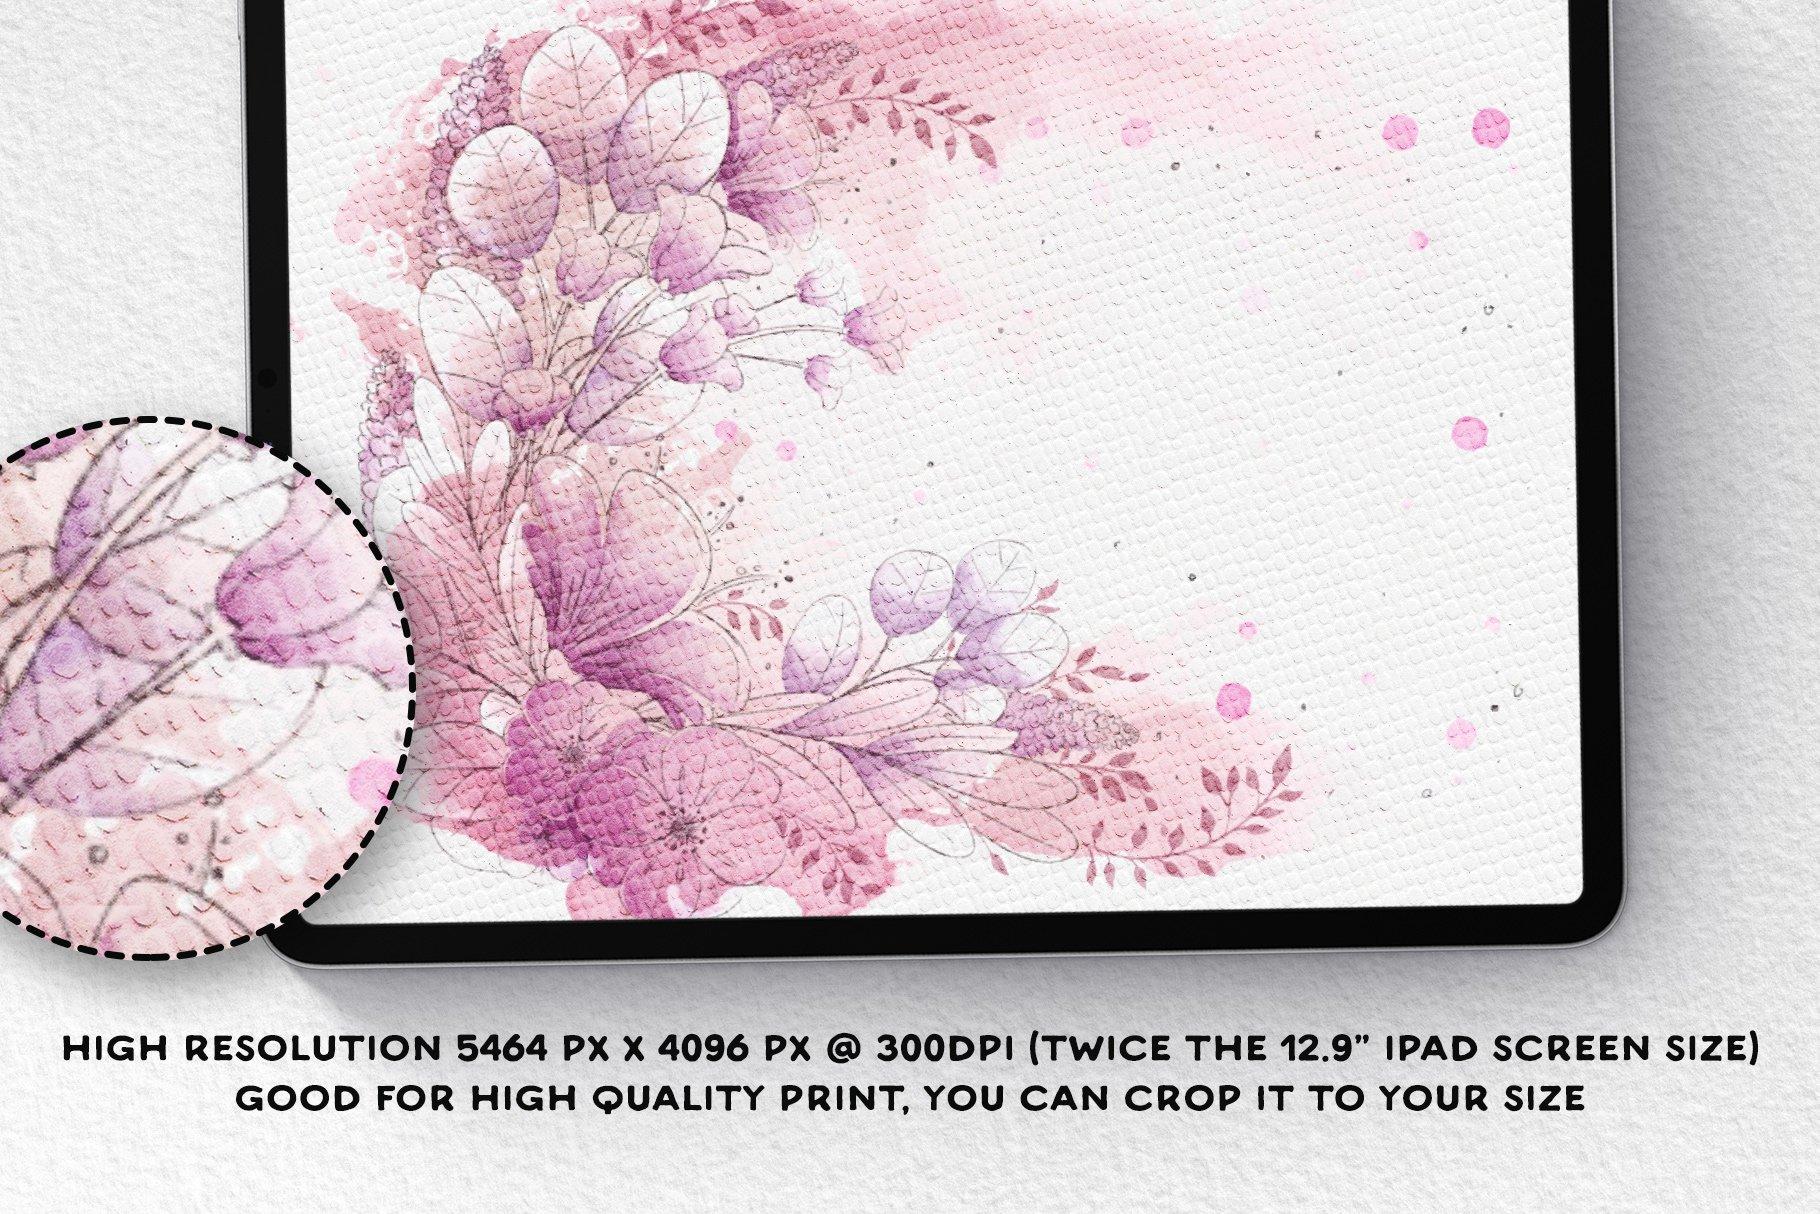 [单独购买] 17款逼真绘画画布背景Procreate纸纹理设计素材 Procreate Paper Texture Canvases插图3